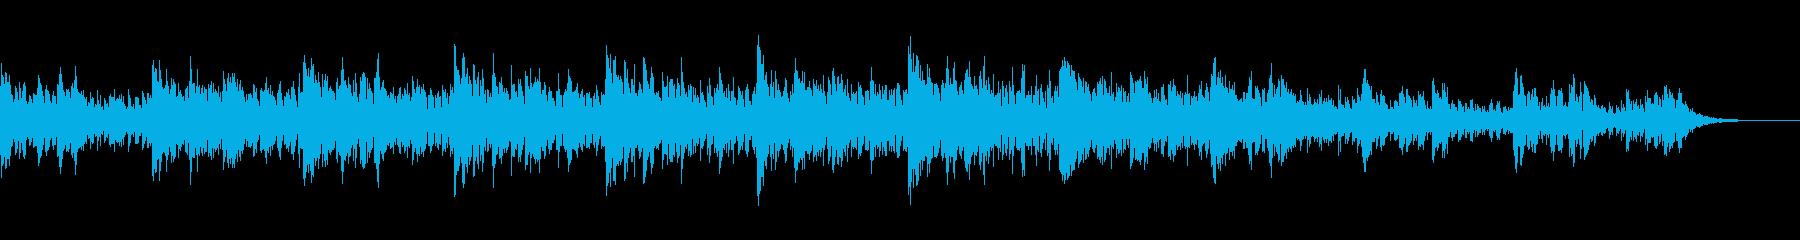 和を感じるアップテンポなサウンドの再生済みの波形